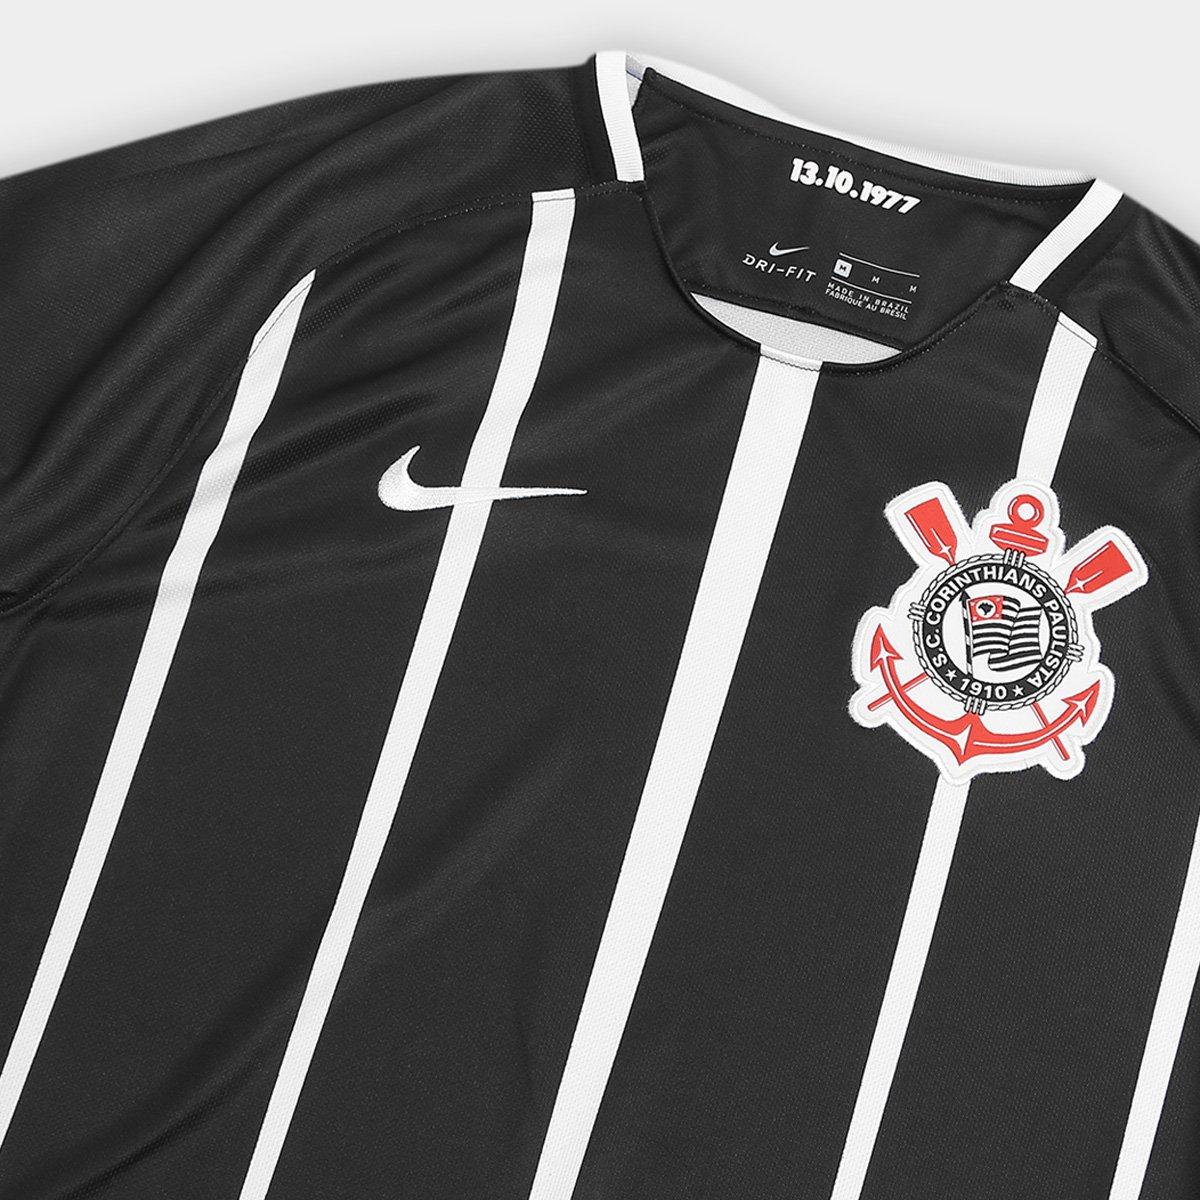 4717af334b Camisa Corinthians II 17 18 s nº Torcedor Nike Masculina - Compre ...